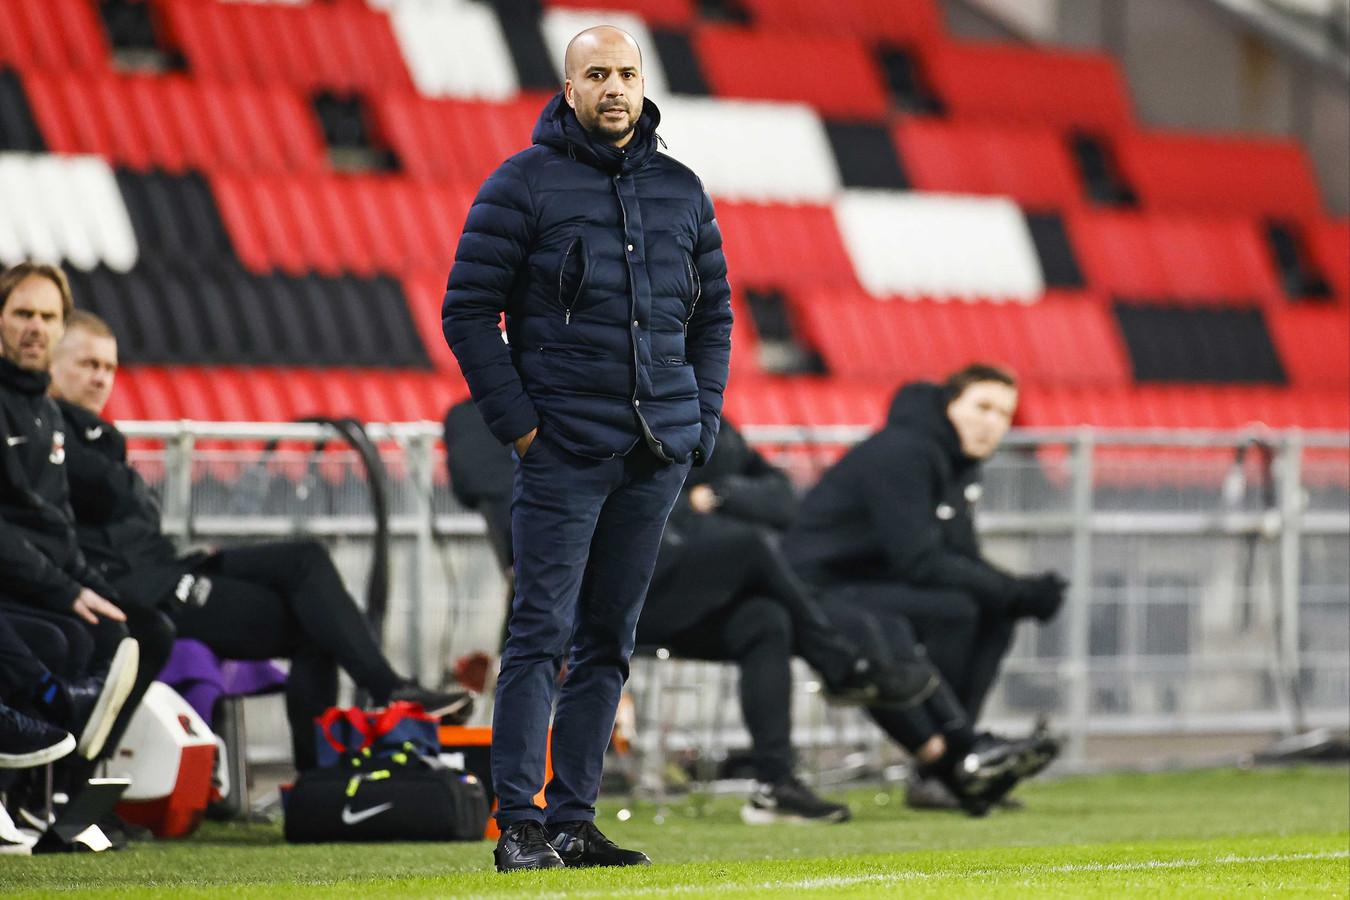 Pascal Jansen begon goed in zijn eerste topwedstrijd bij AZ. PSV werd met 1-3 verslagen.